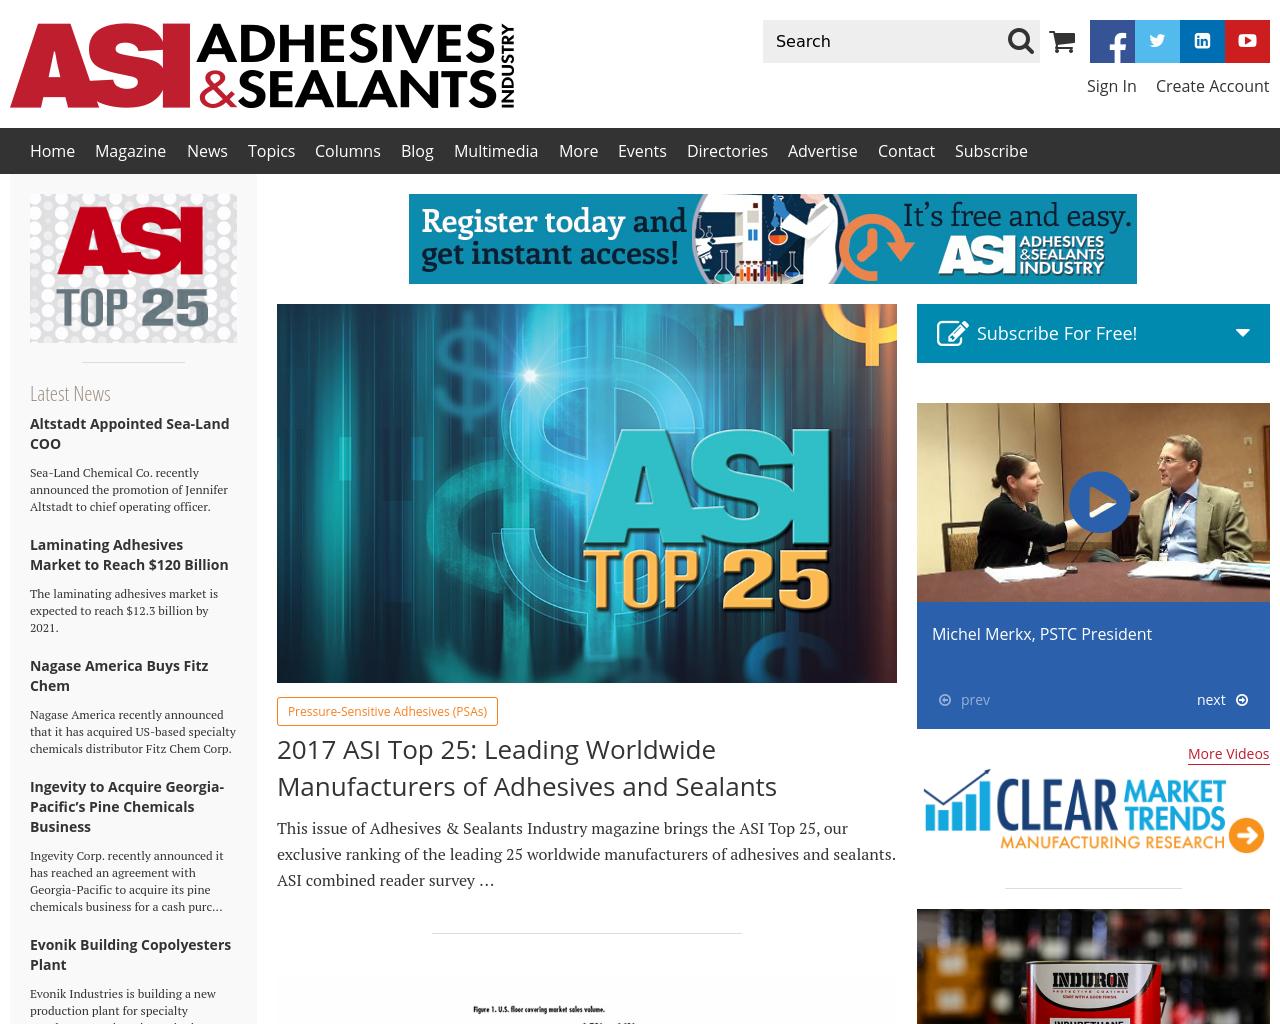 ASI-Adhesives-&-Sealants-Industry-Advertising-Reviews-Pricing